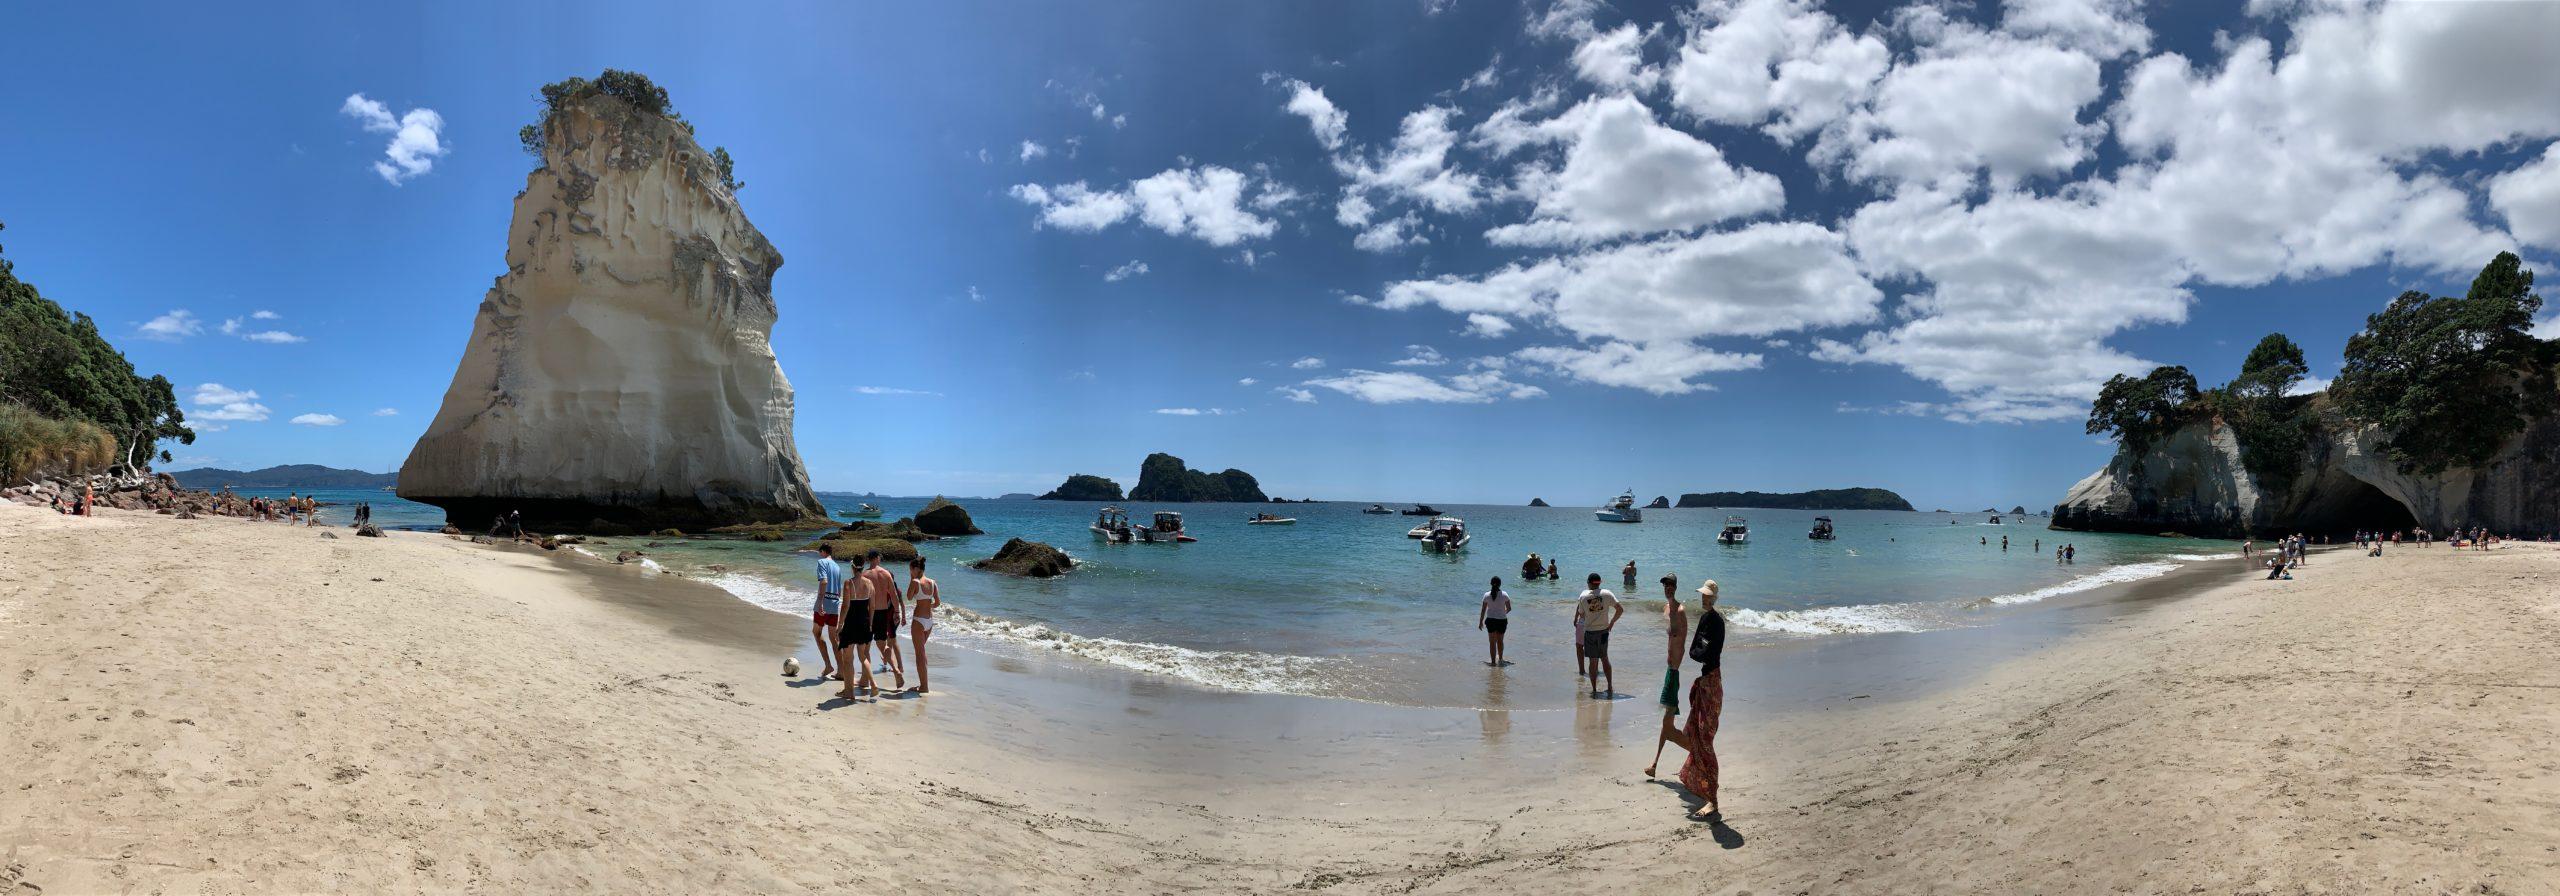 Cathedral Cove {Coromandel Peninsula}